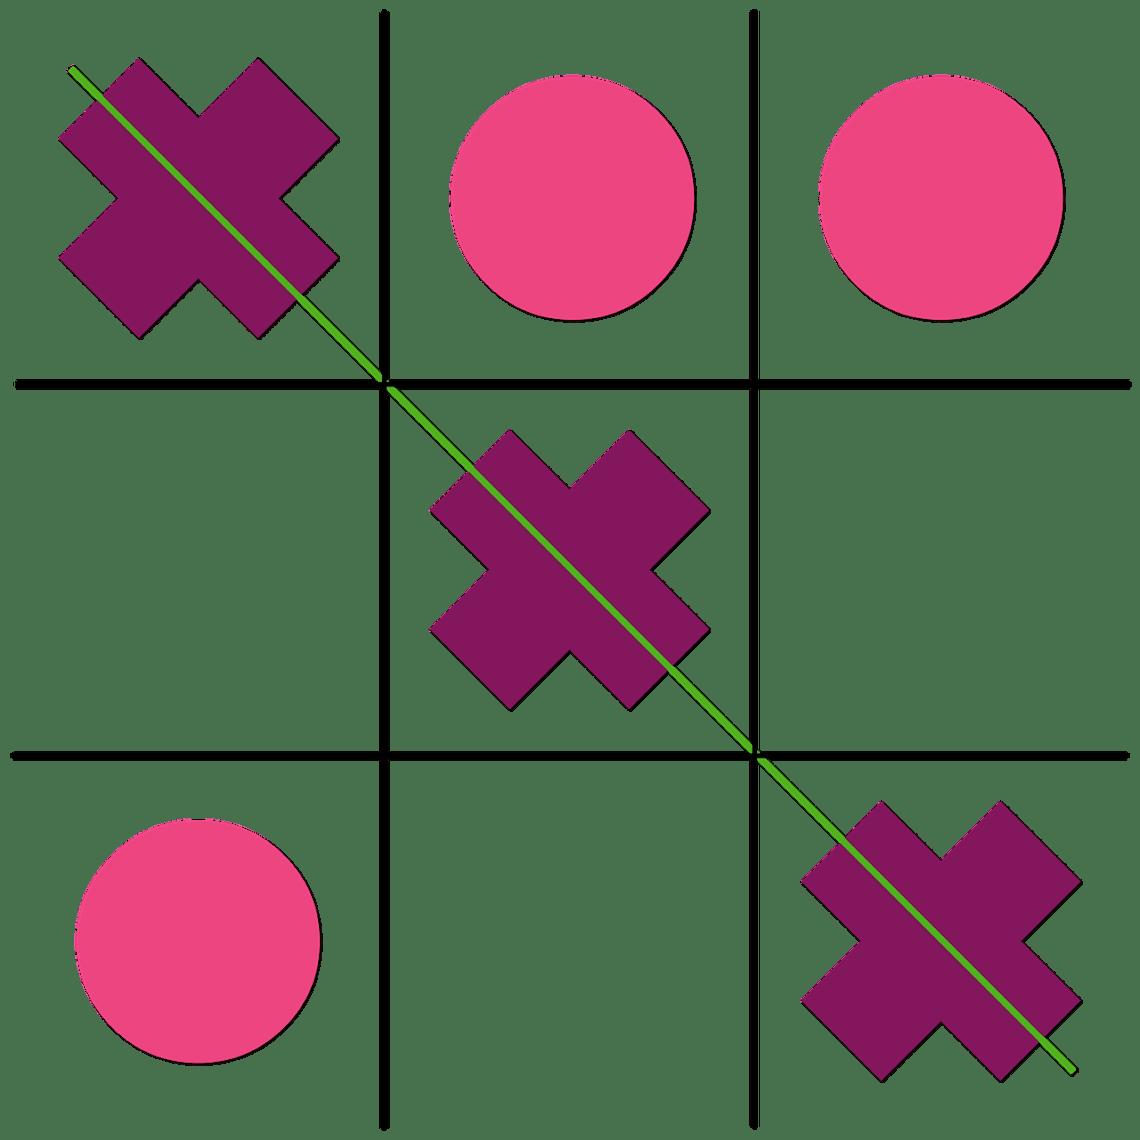 puzzle strategies